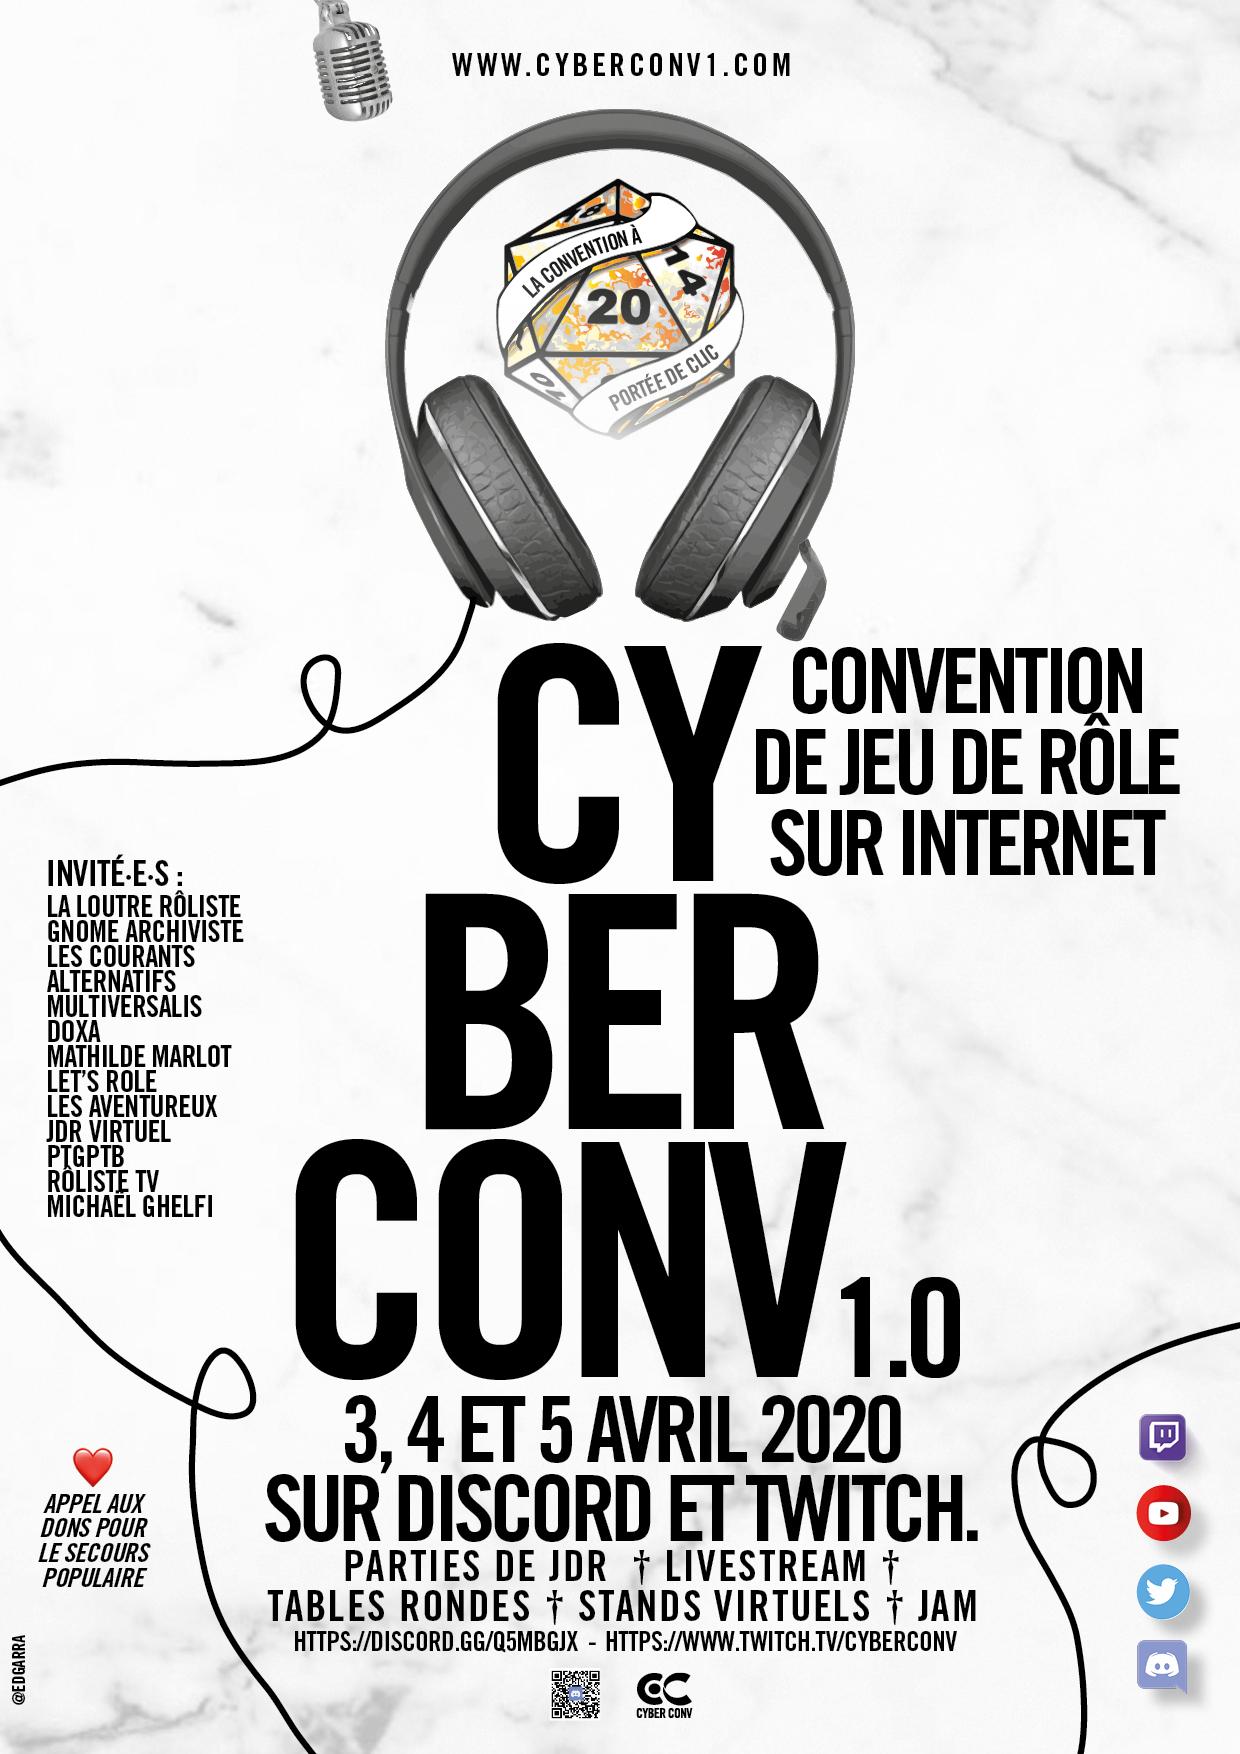 CyberConv 1.0